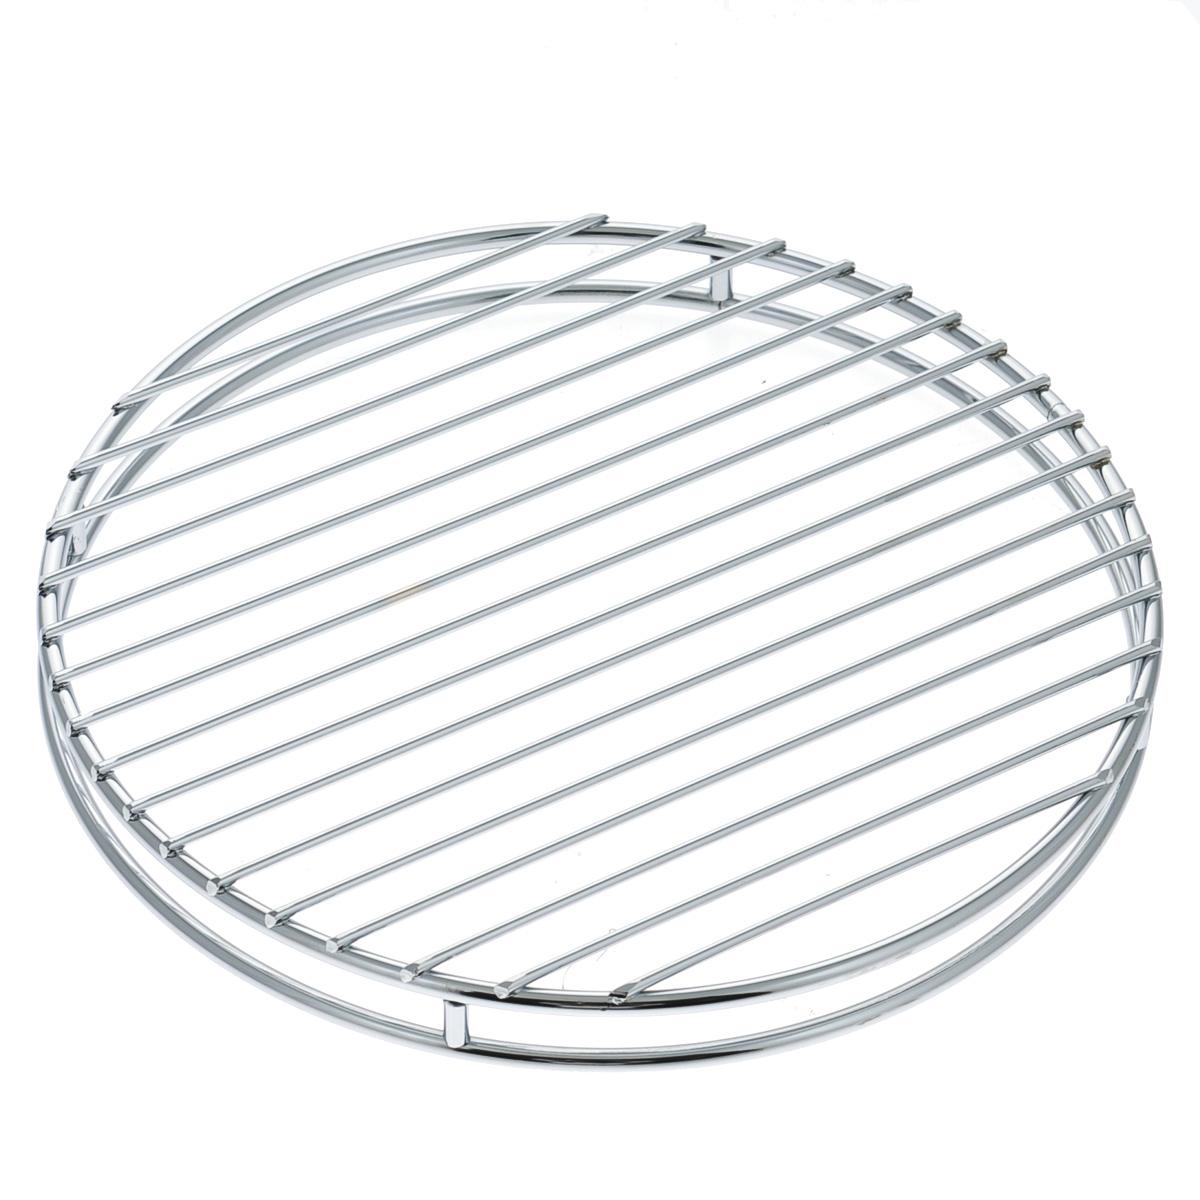 Подставка под горячее Tescoma Monti, диаметр 24 см900063Подставка под горячее Tescoma Monti выполнена из нержавеющей стали с хромовым покрытием. Благодаря стильному дизайну идеально впишется в интерьер современной кухни. Каждая хозяйка знает, что подставка под горячее - это незаменимый и очень полезный аксессуар на каждой кухне. Ваш стол будет не только украшен оригинальной подставкой, но и сбережен от воздействия высоких температур ваших кулинарных шедевров.